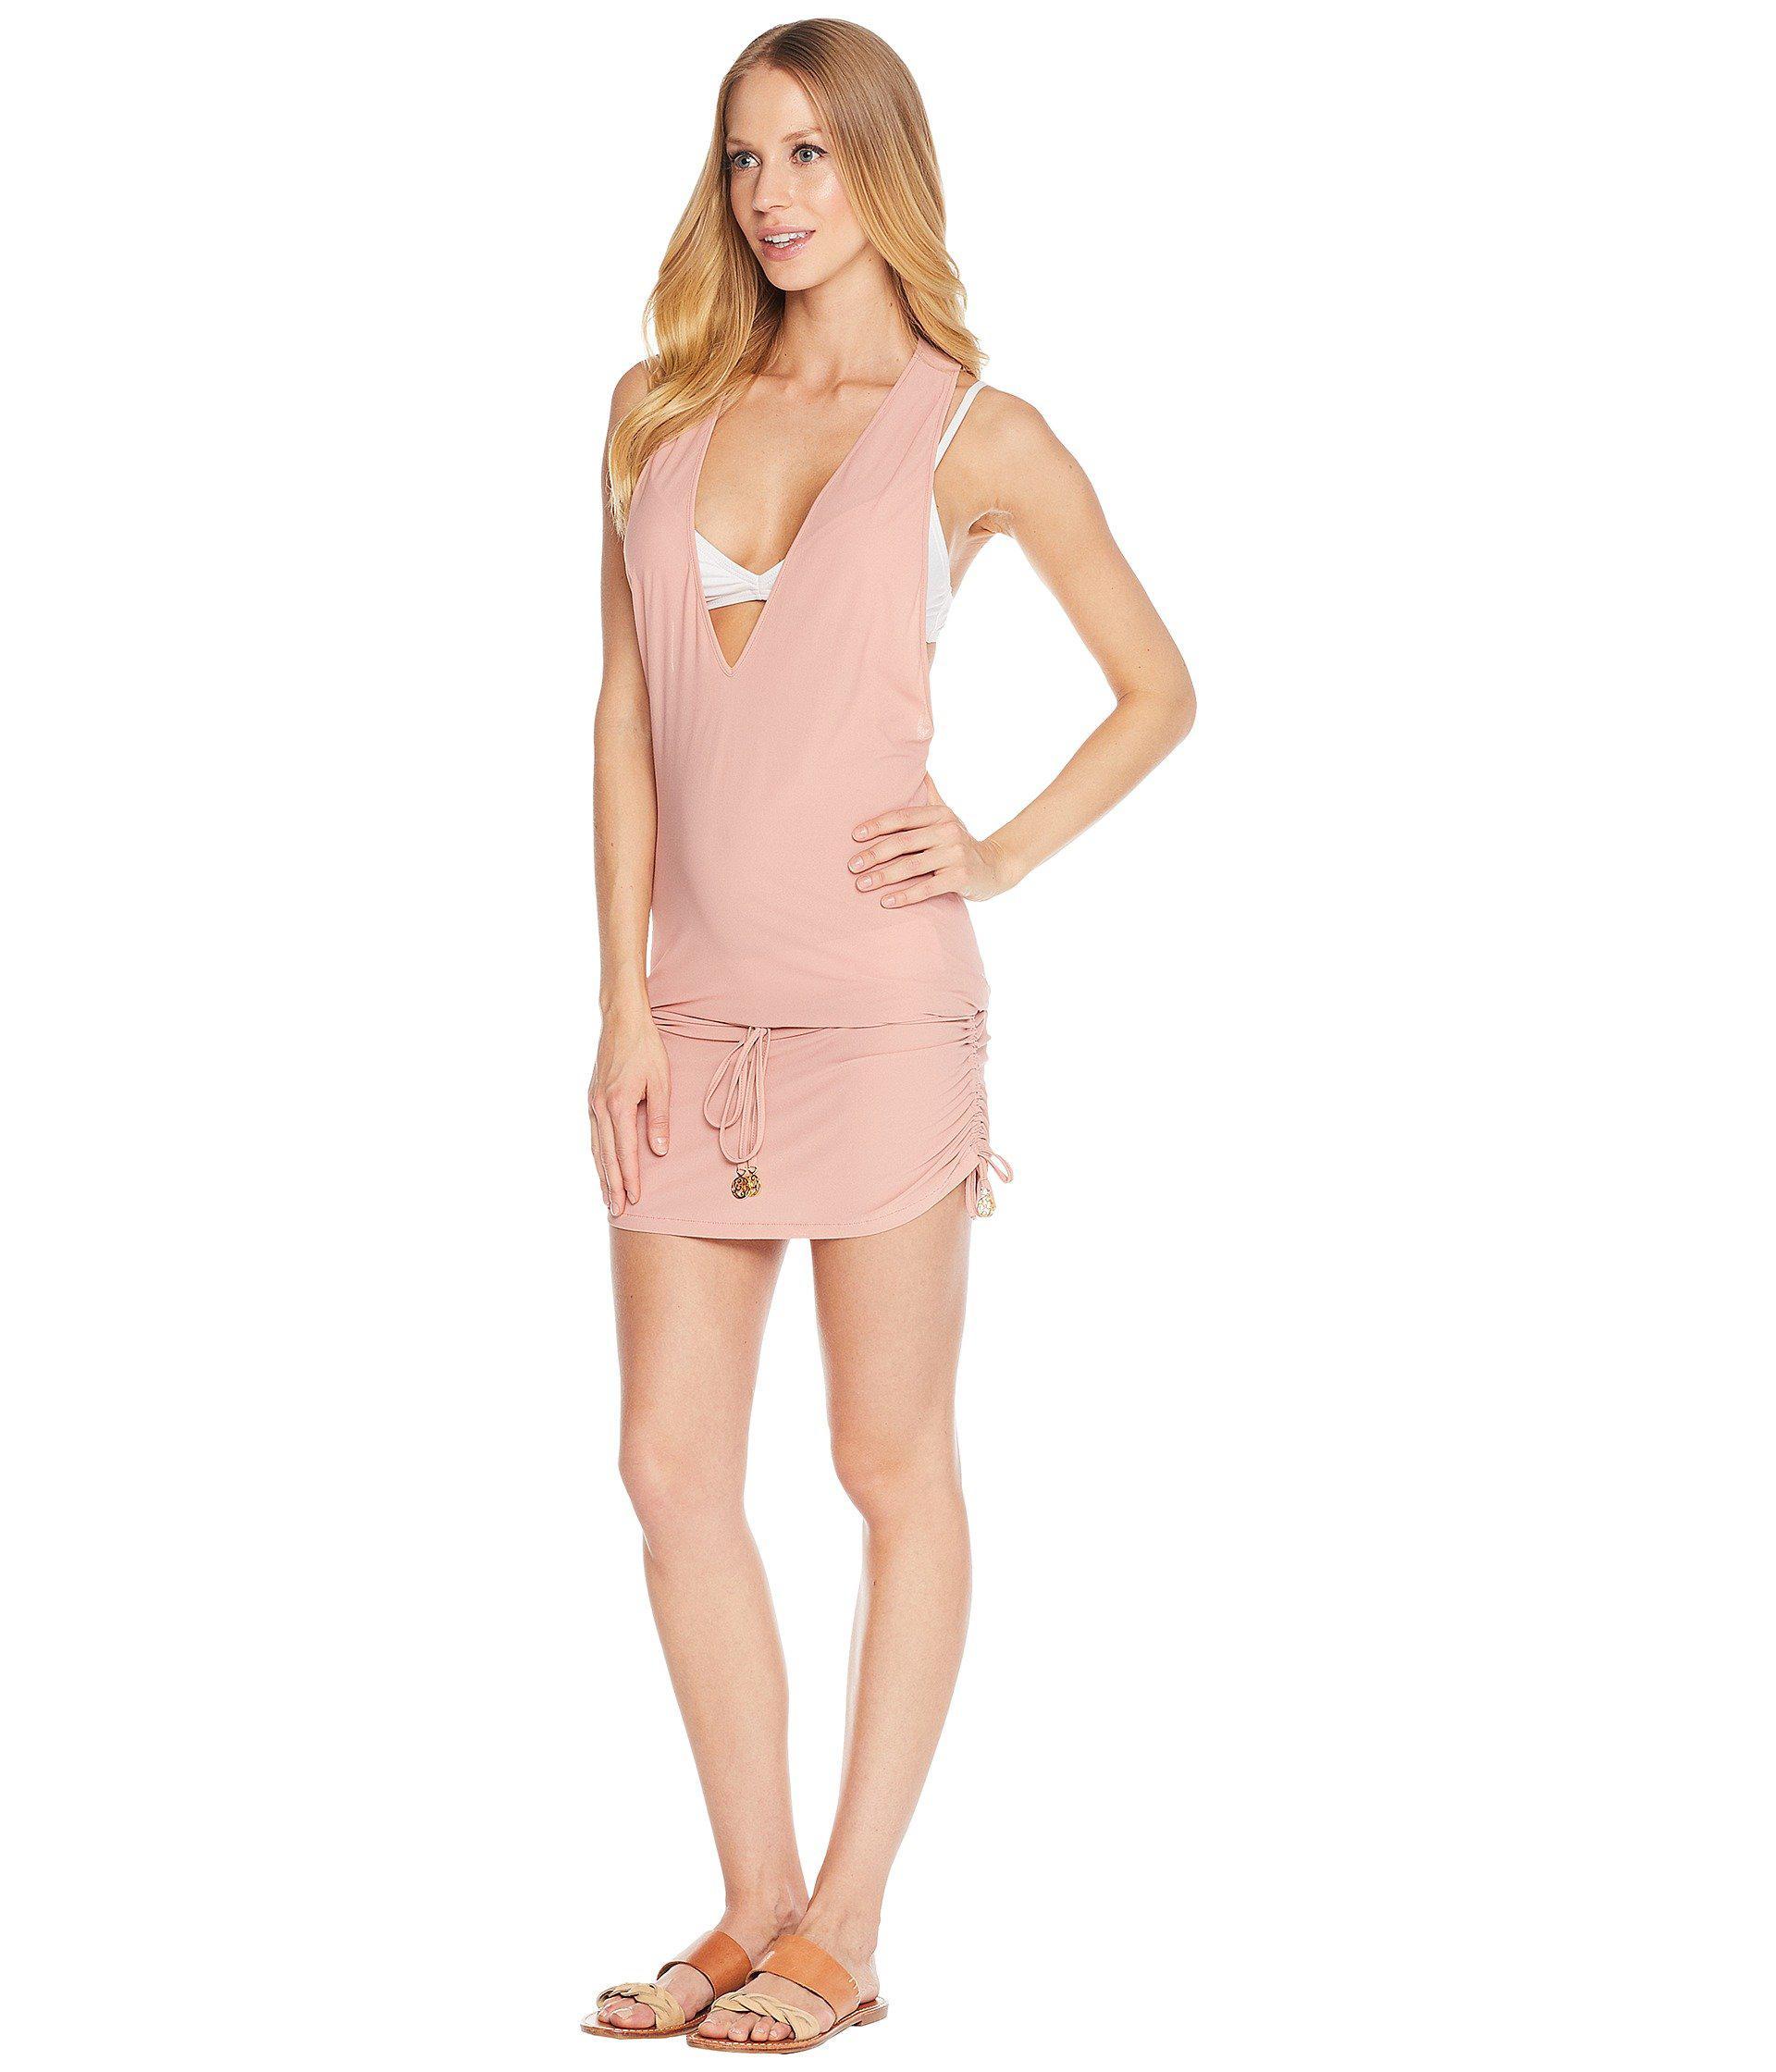 6d18faaa4a46b Lyst - Luli Fama Cosita Buena T-back Mini Dress Cover-up (rosa) Women's  Swimwear in Pink